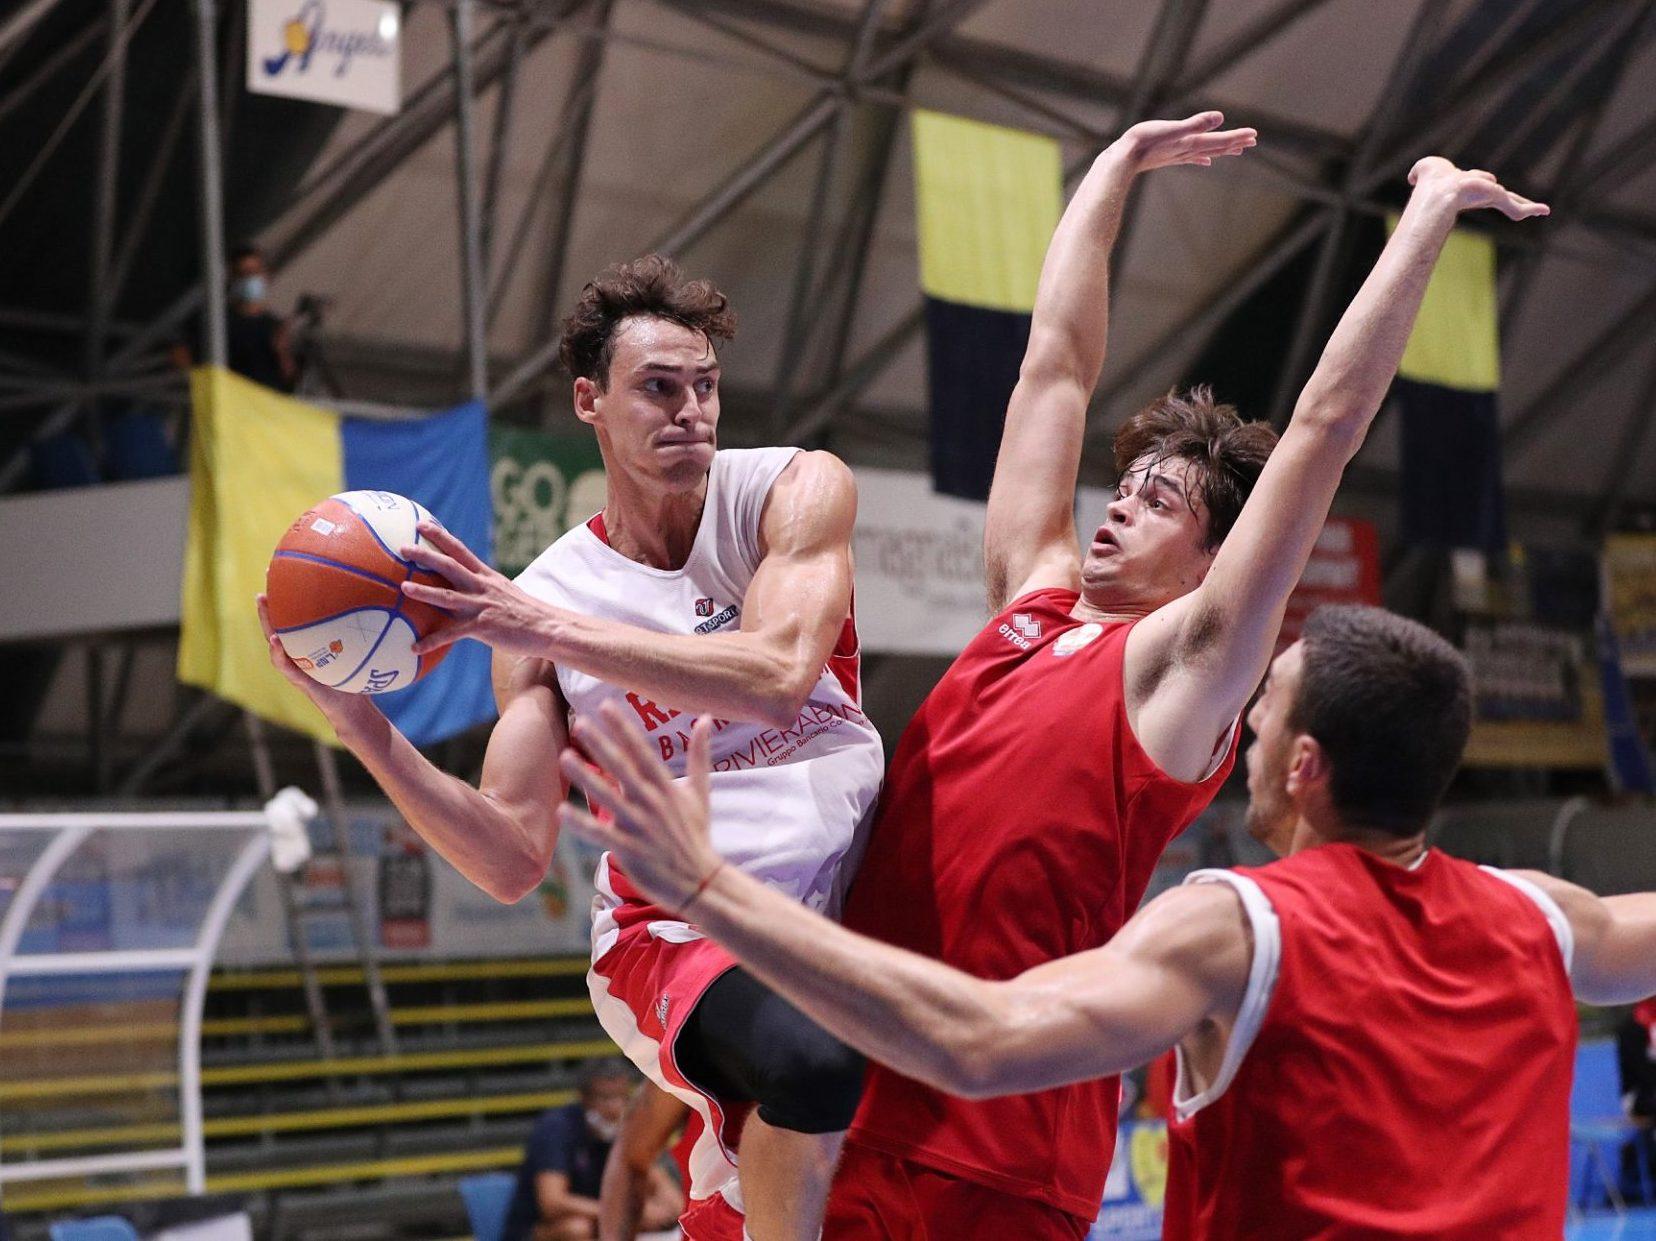 Focus Sugli Avversari: Conosciamo Meglio La Rinascita Basket Rimini